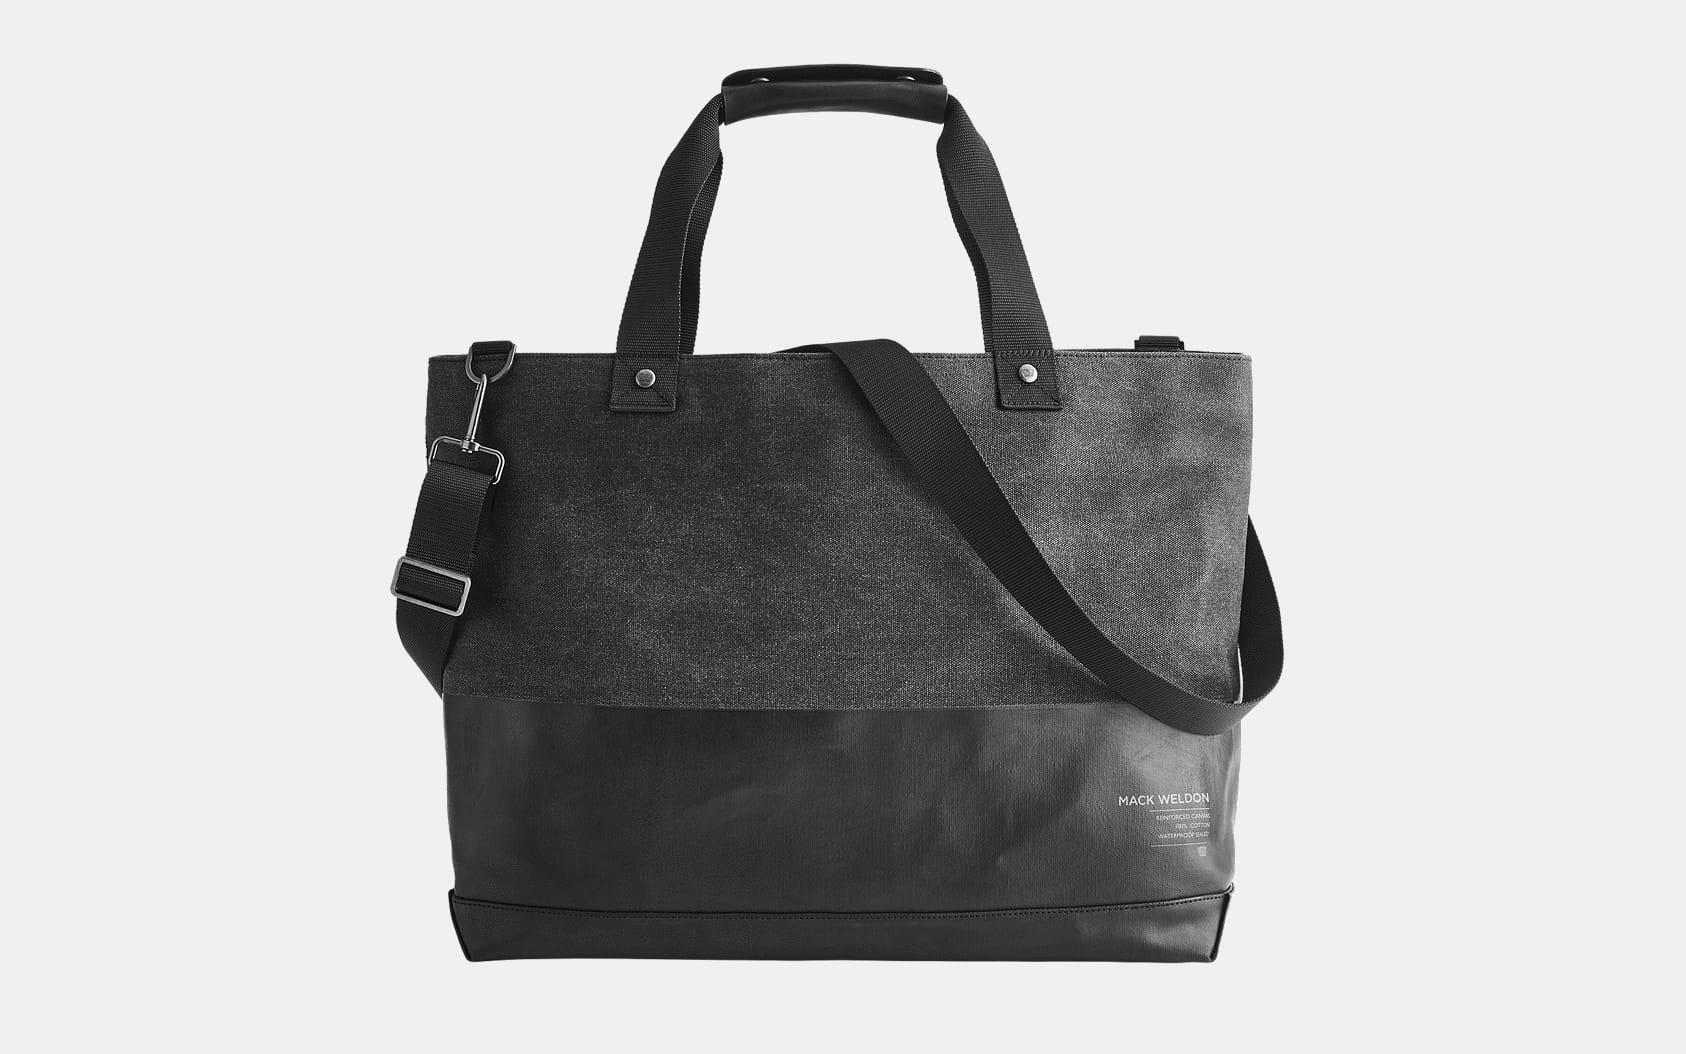 Mack Weldon GTX Commuter Bag